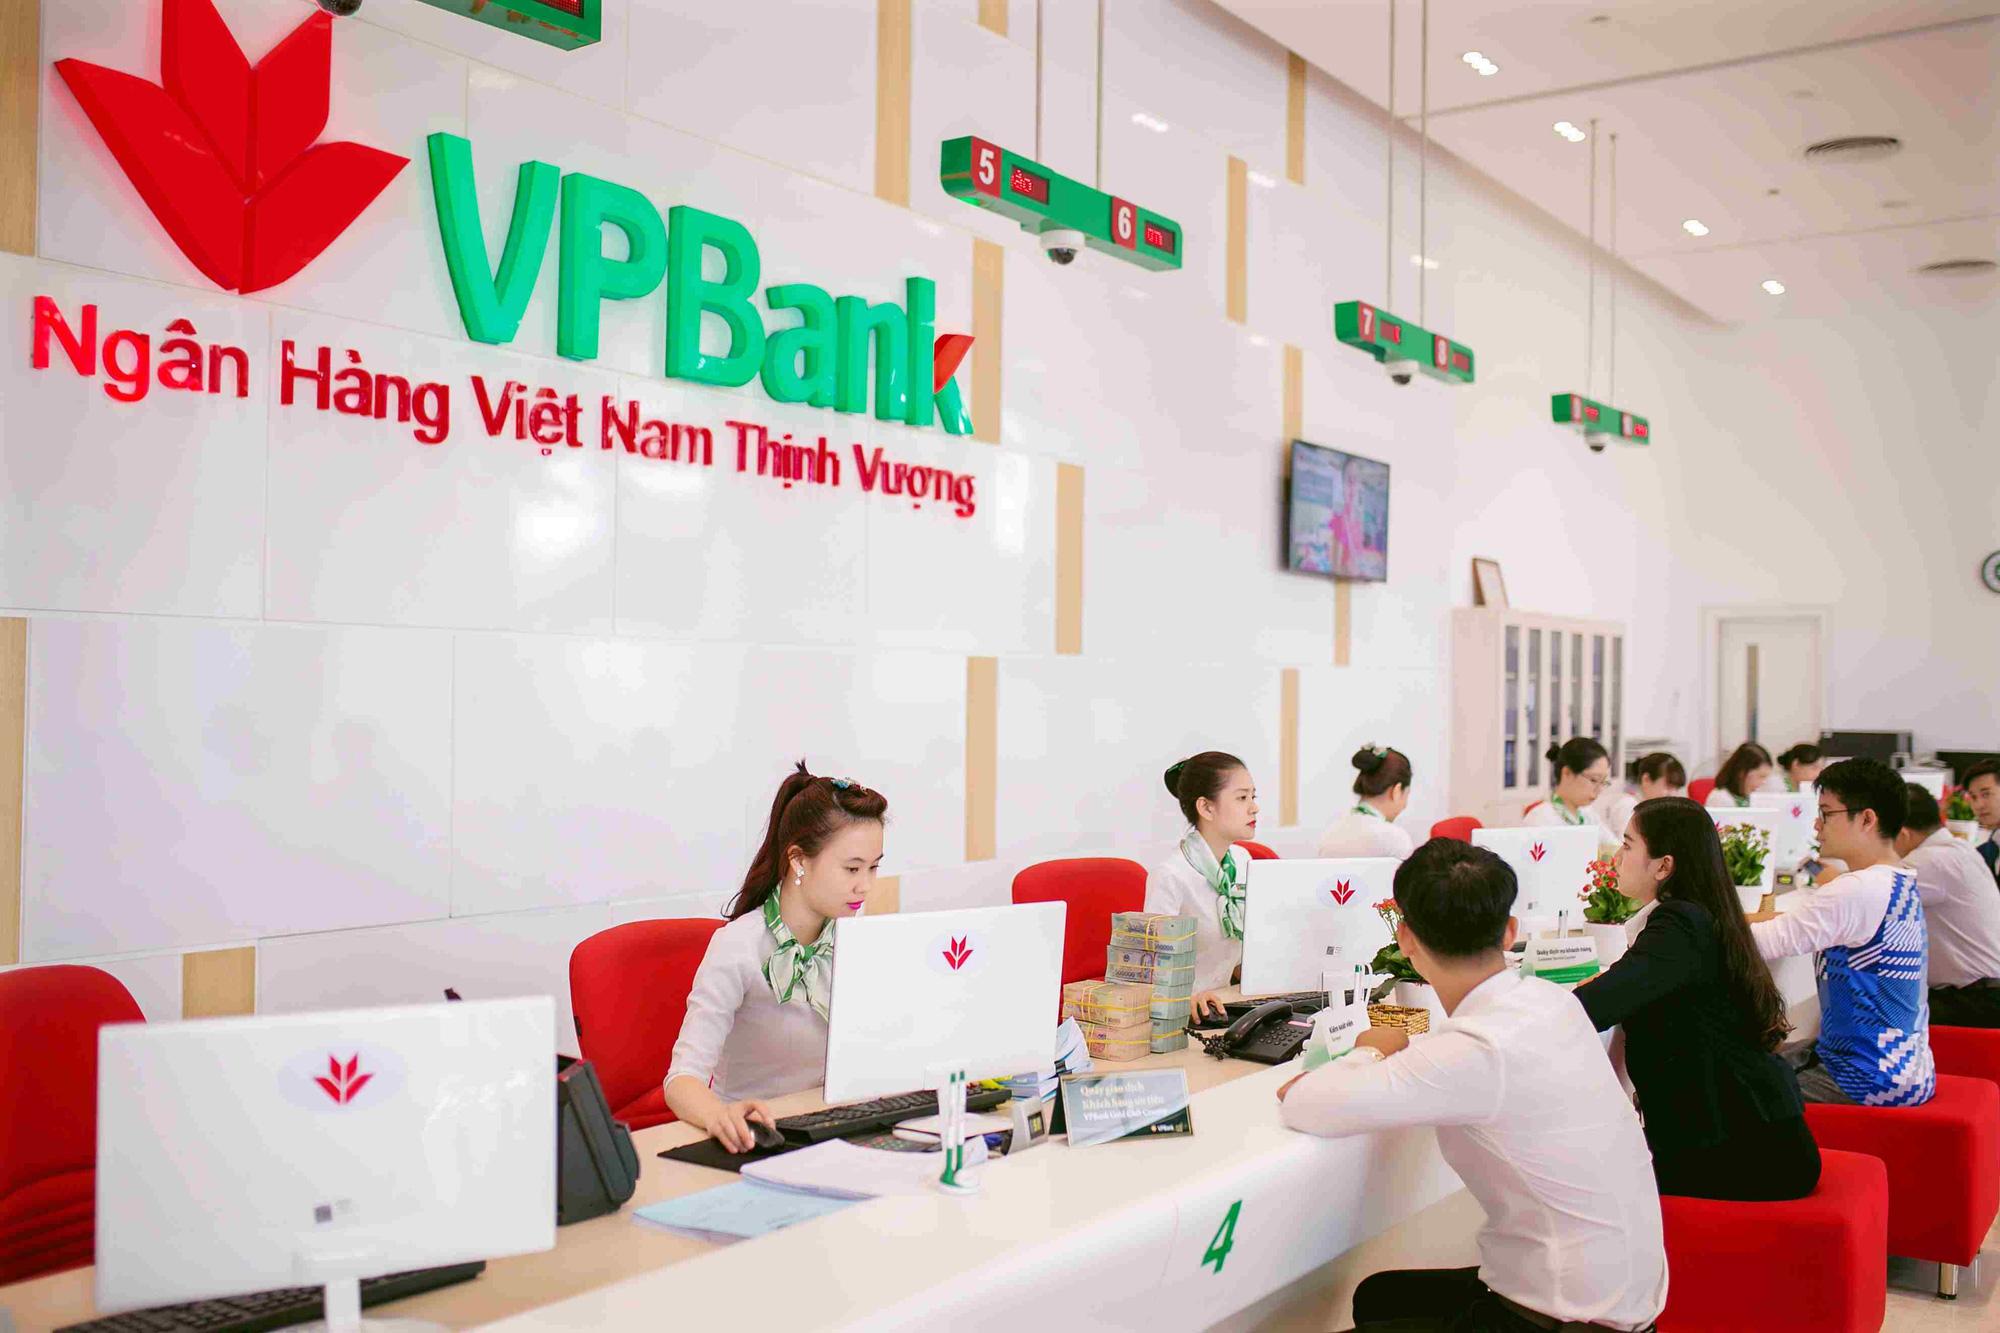 4.000 tỷ lãi trước thuế của VPBank đến từ đâu? - Ảnh 1.